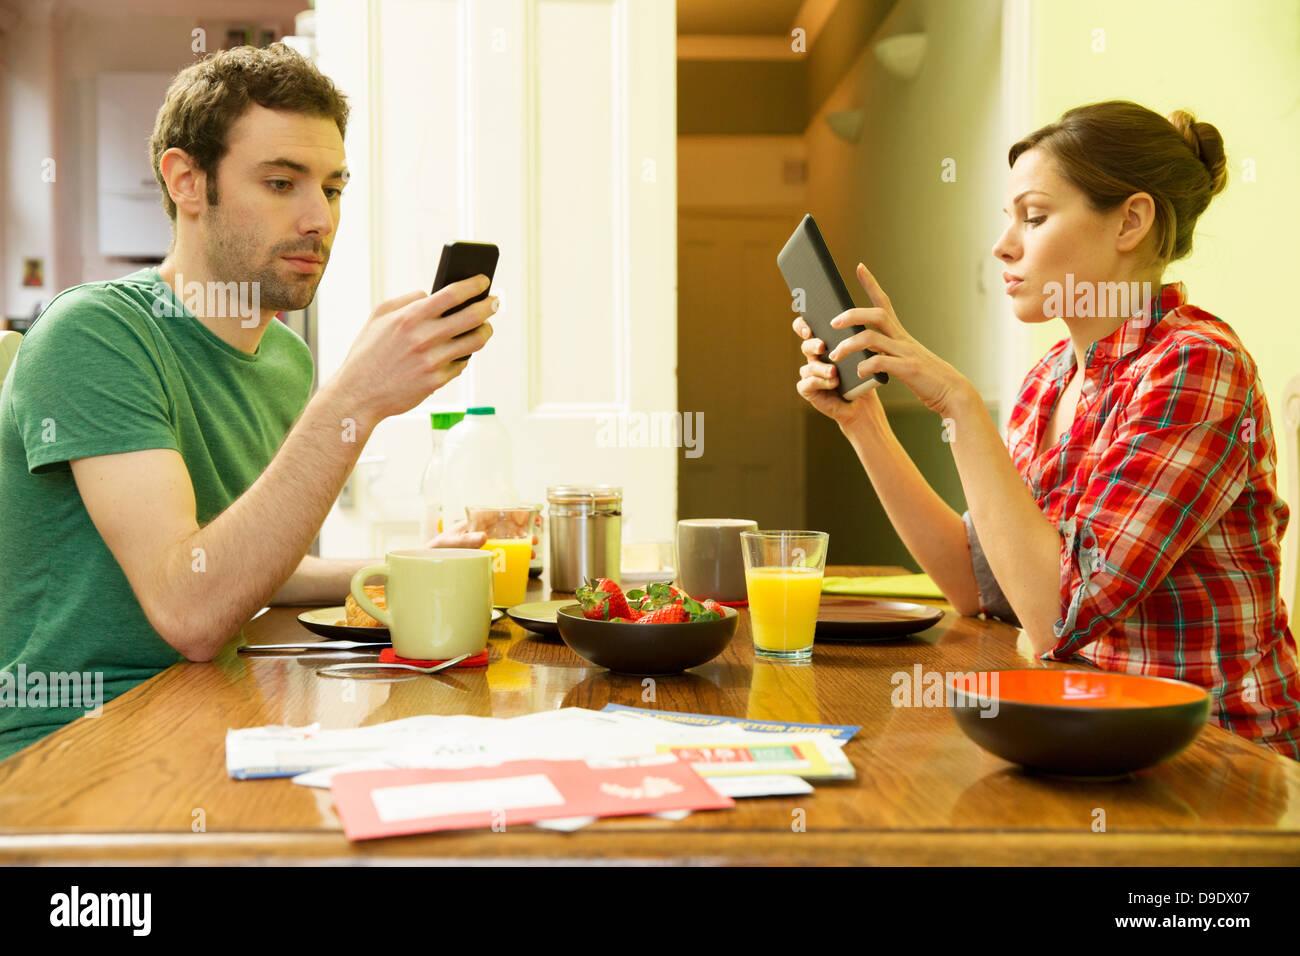 El hombre y la mujer mediante smartphone utilizando tablet digital en el desayuno Foto de stock